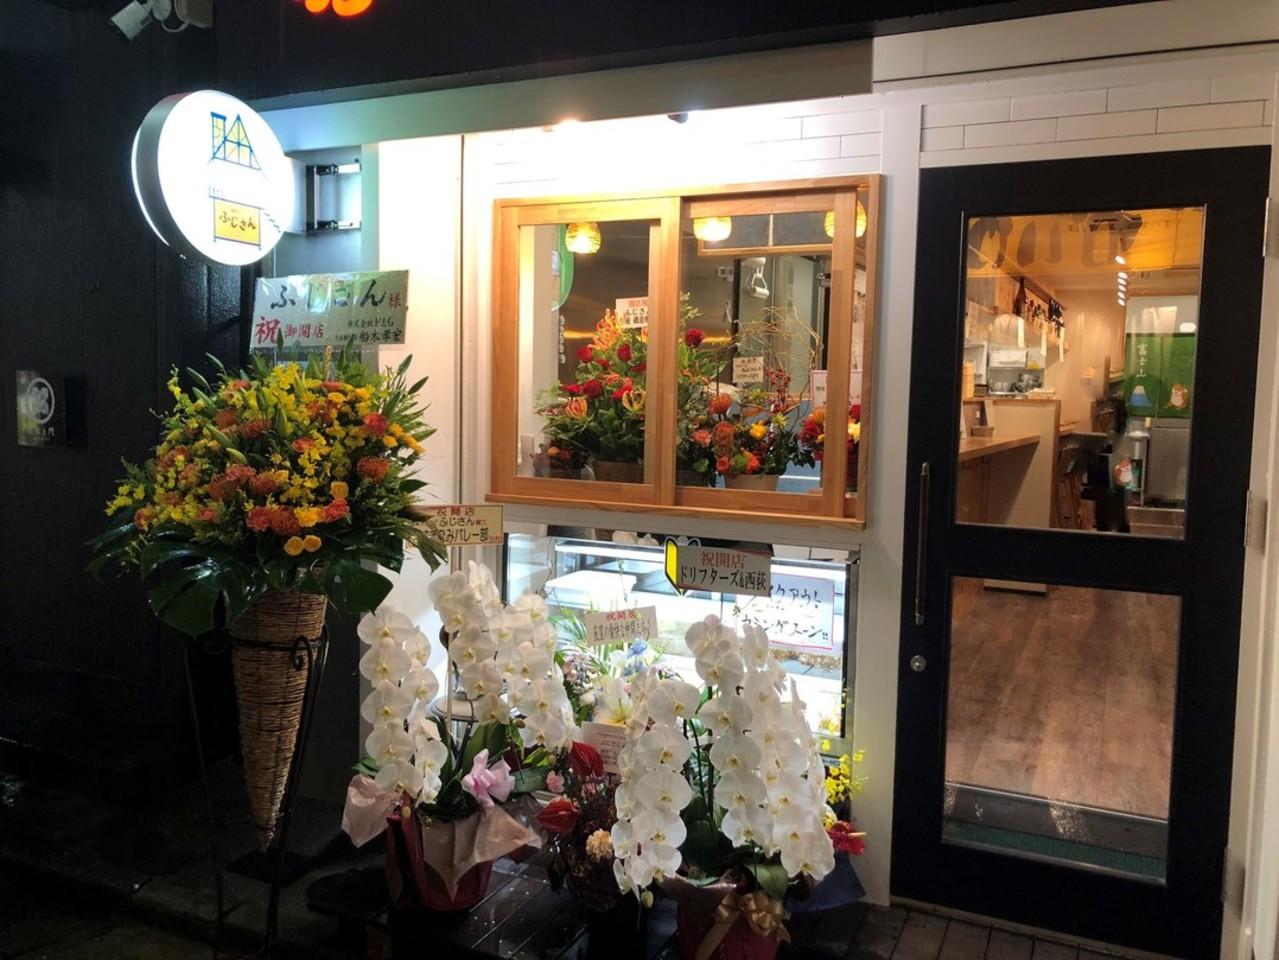 東京都杉並区阿佐谷南3丁目に「惣菜スタンド ふじさん」が10/19オープンされたようです。